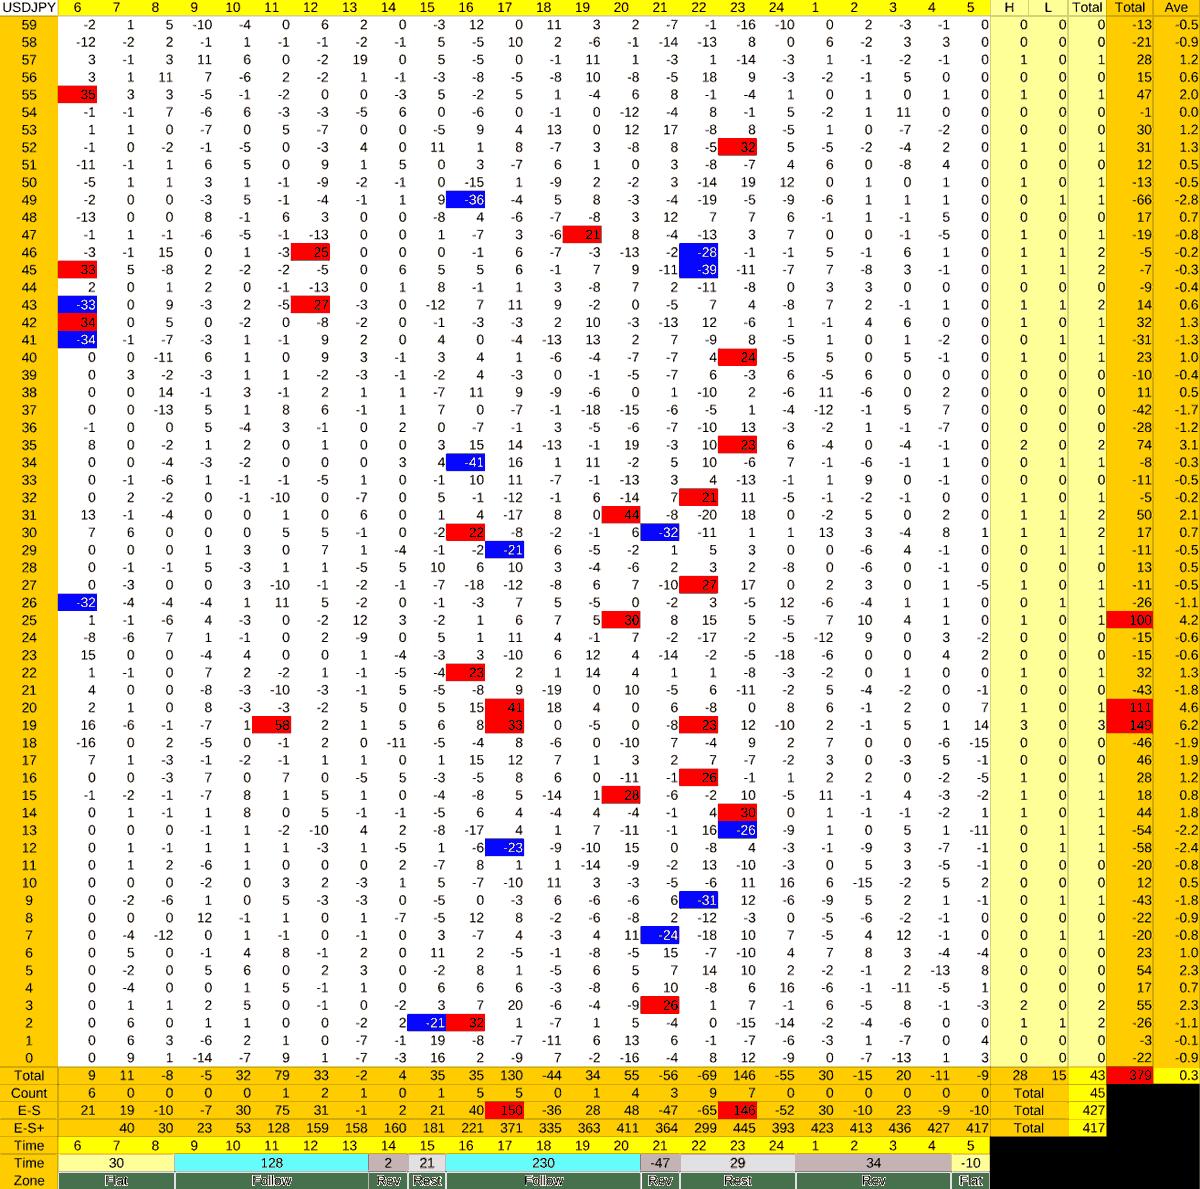 20210723_HS(1)USDJPY-min